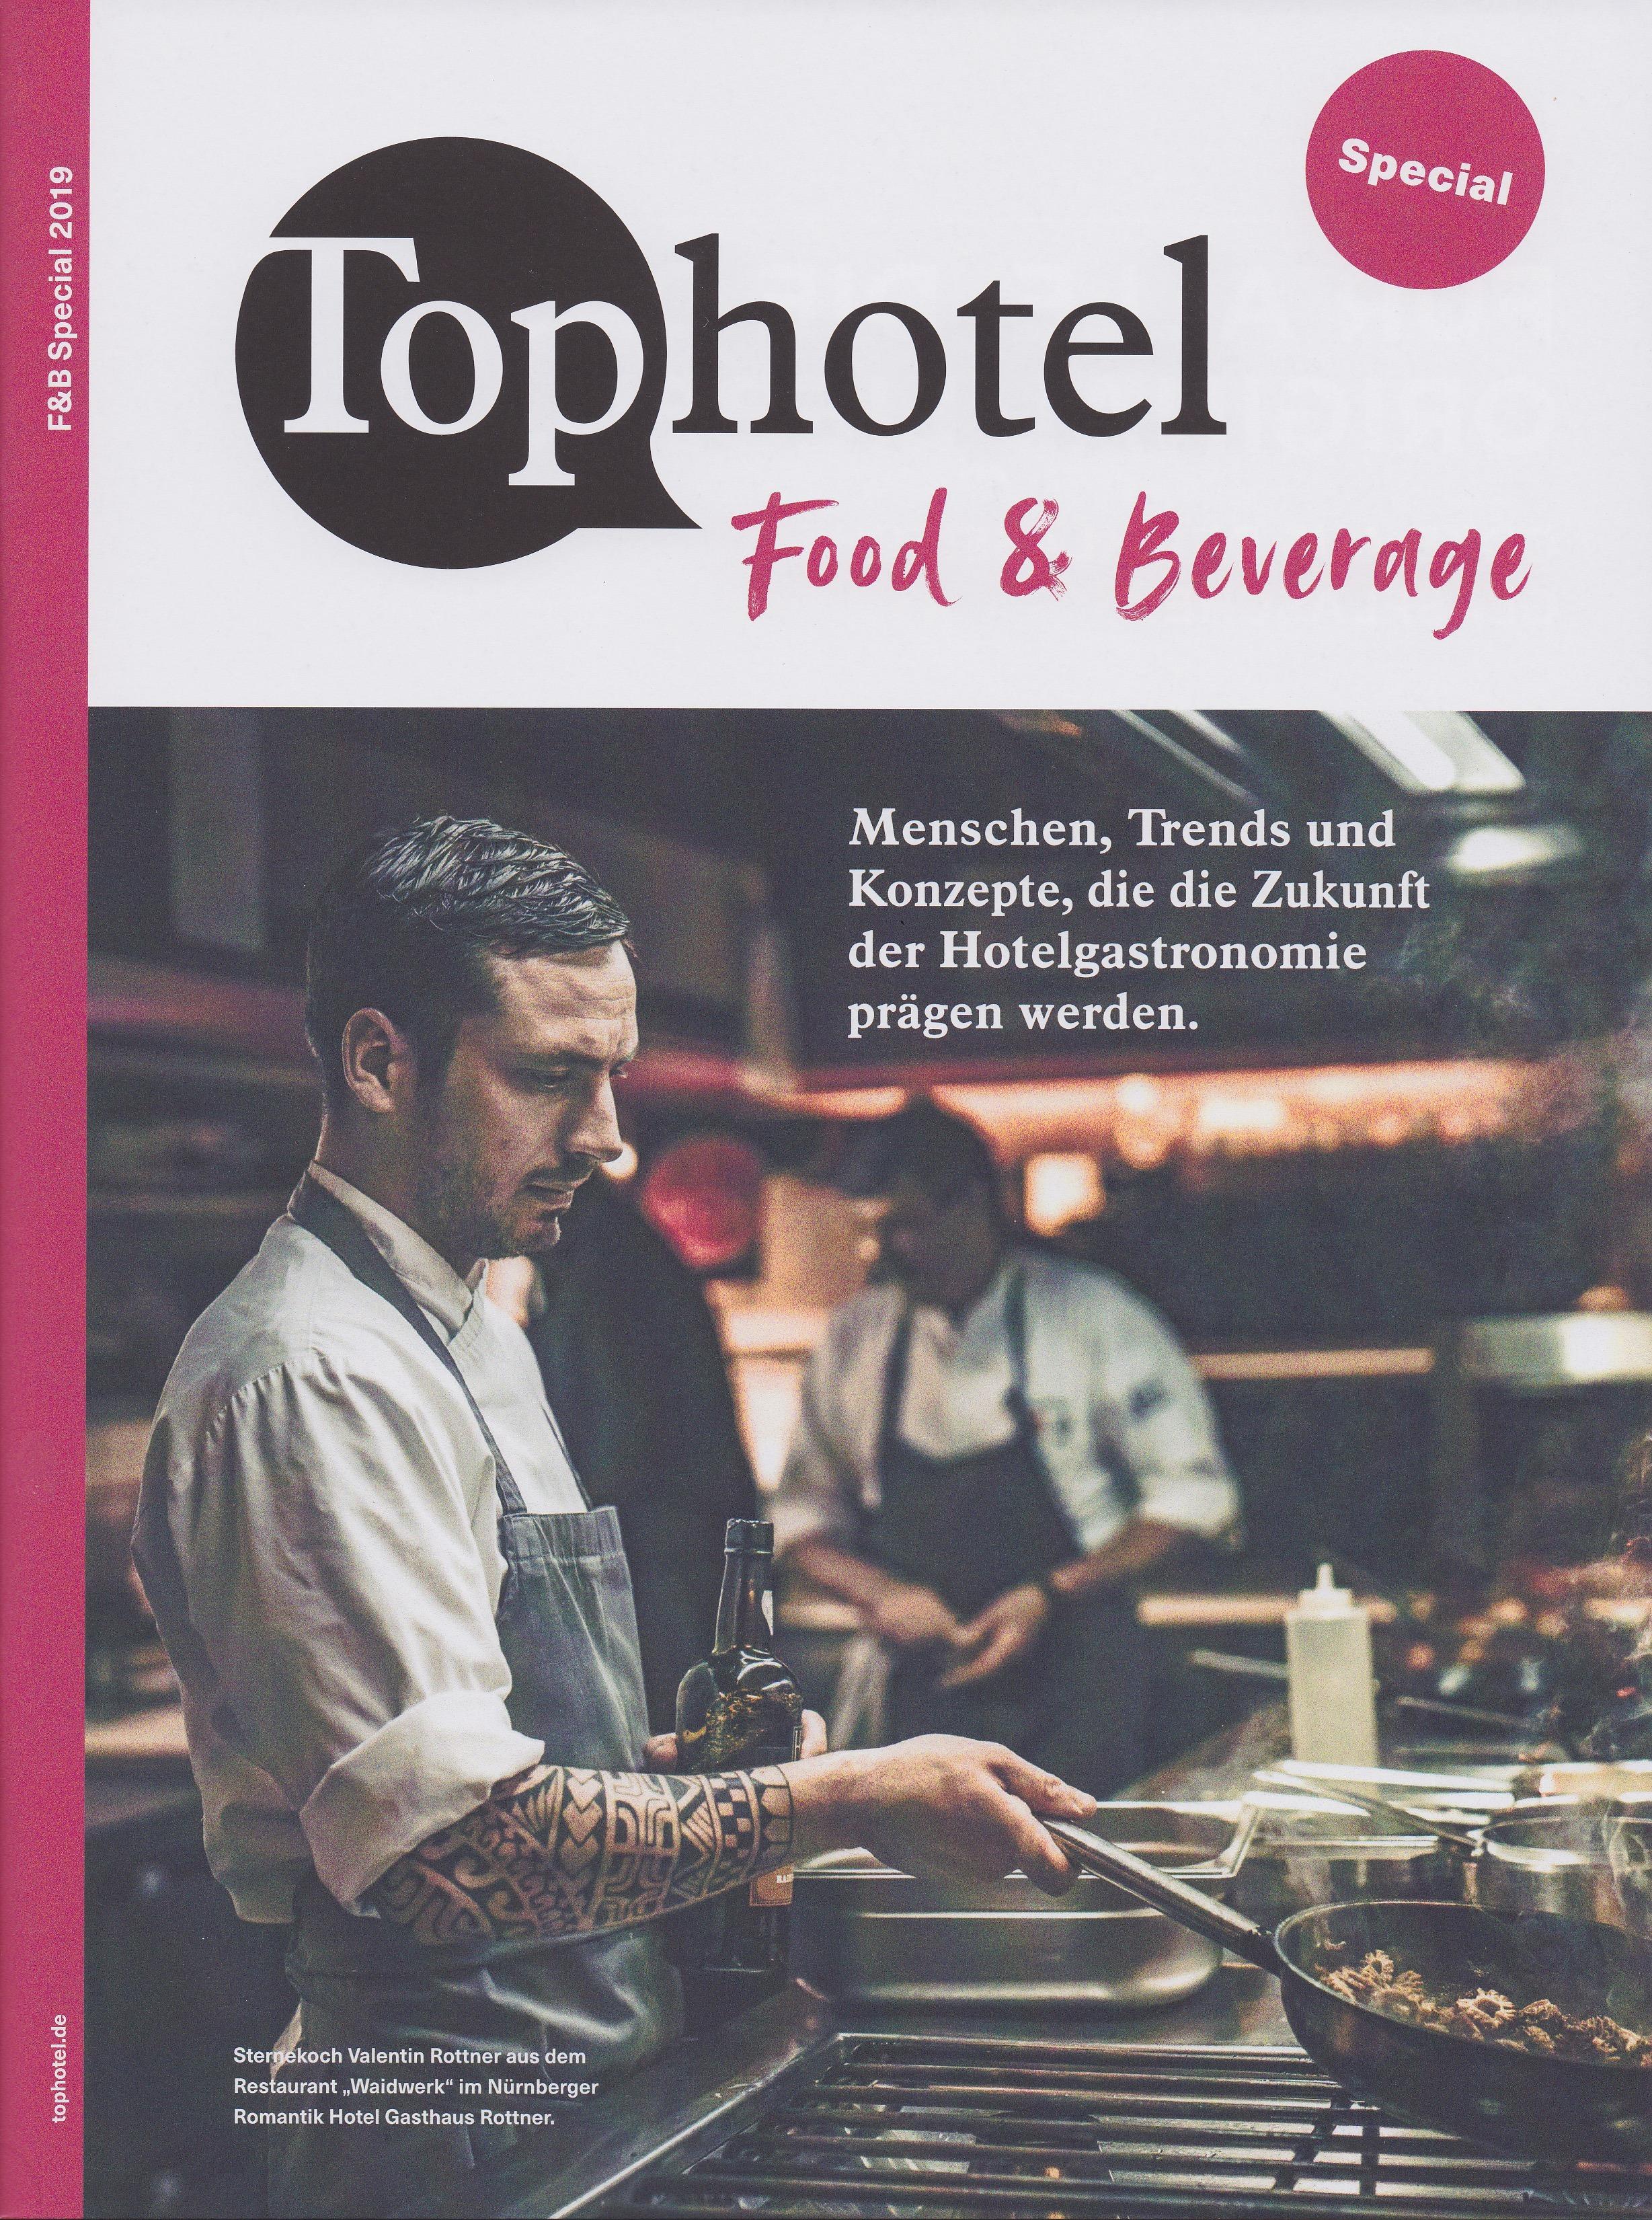 Tophotel Cover - Mehr Umsatz mit dem richtigen Menü - Roman Kmenta - Gastro Coach und Keynote Speaker